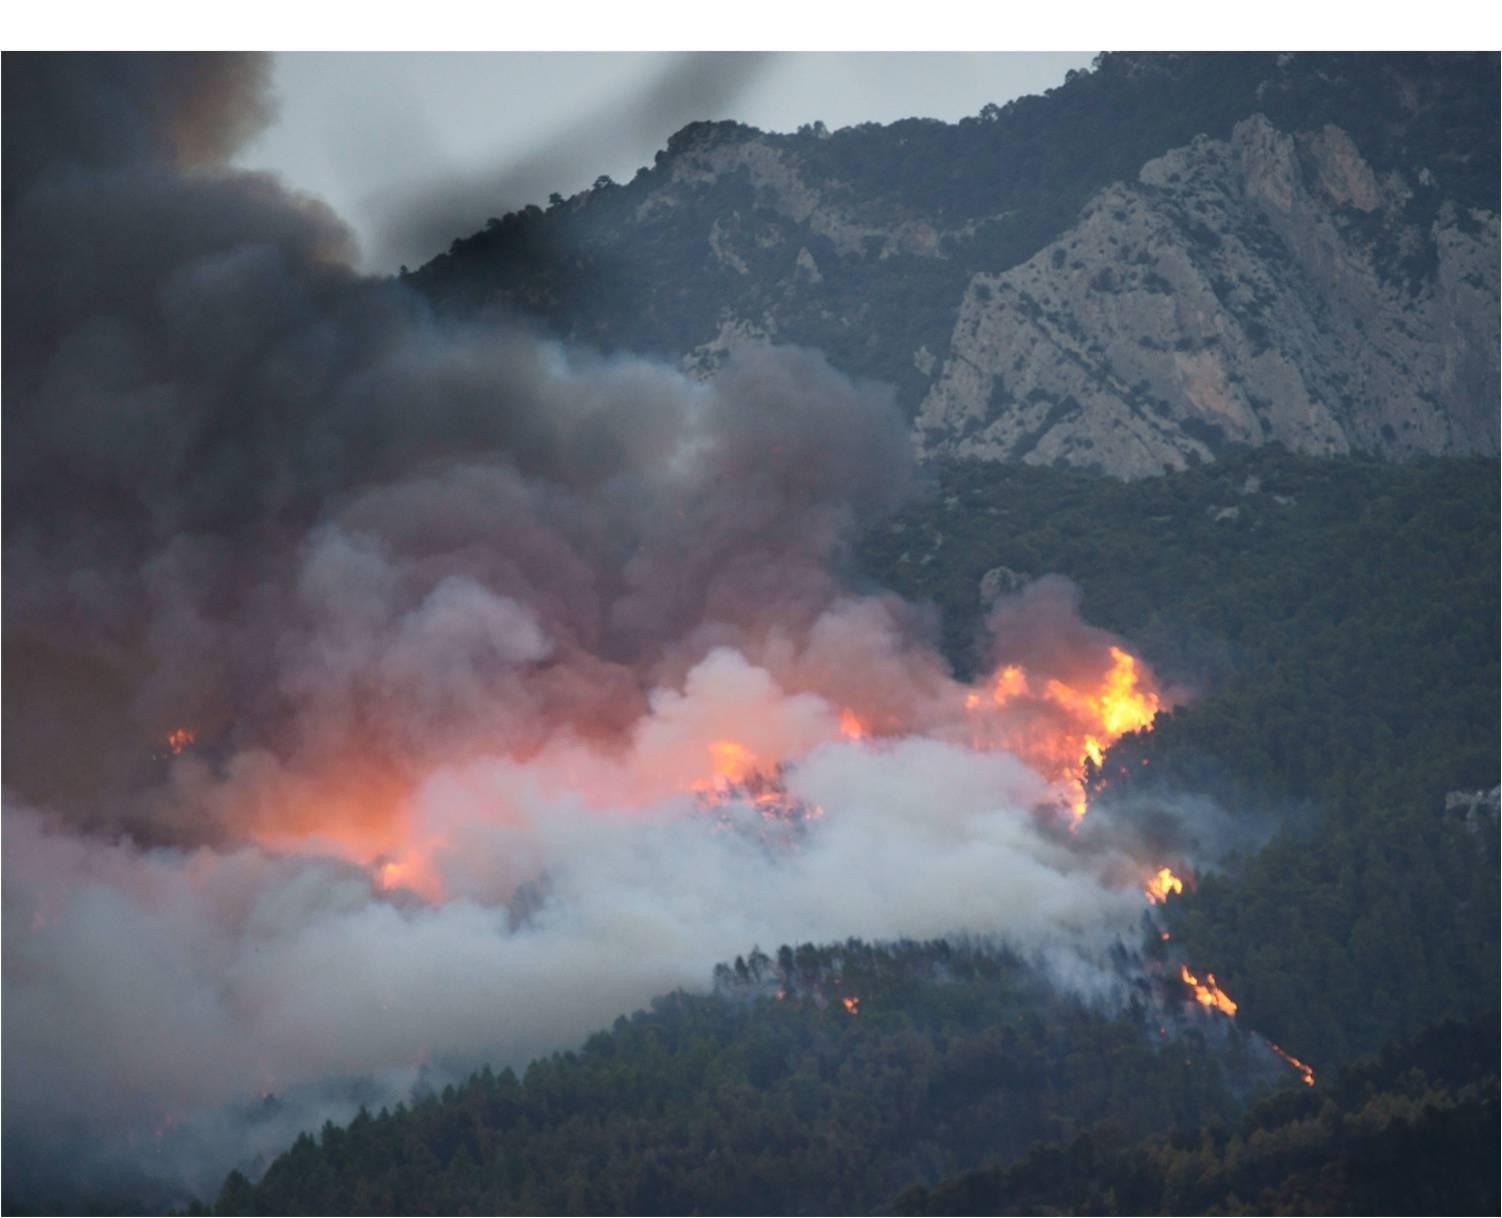 Incendi Forestal. Riu Canaletes i tributaris. Horta de Sant Joan. Juliol 2009